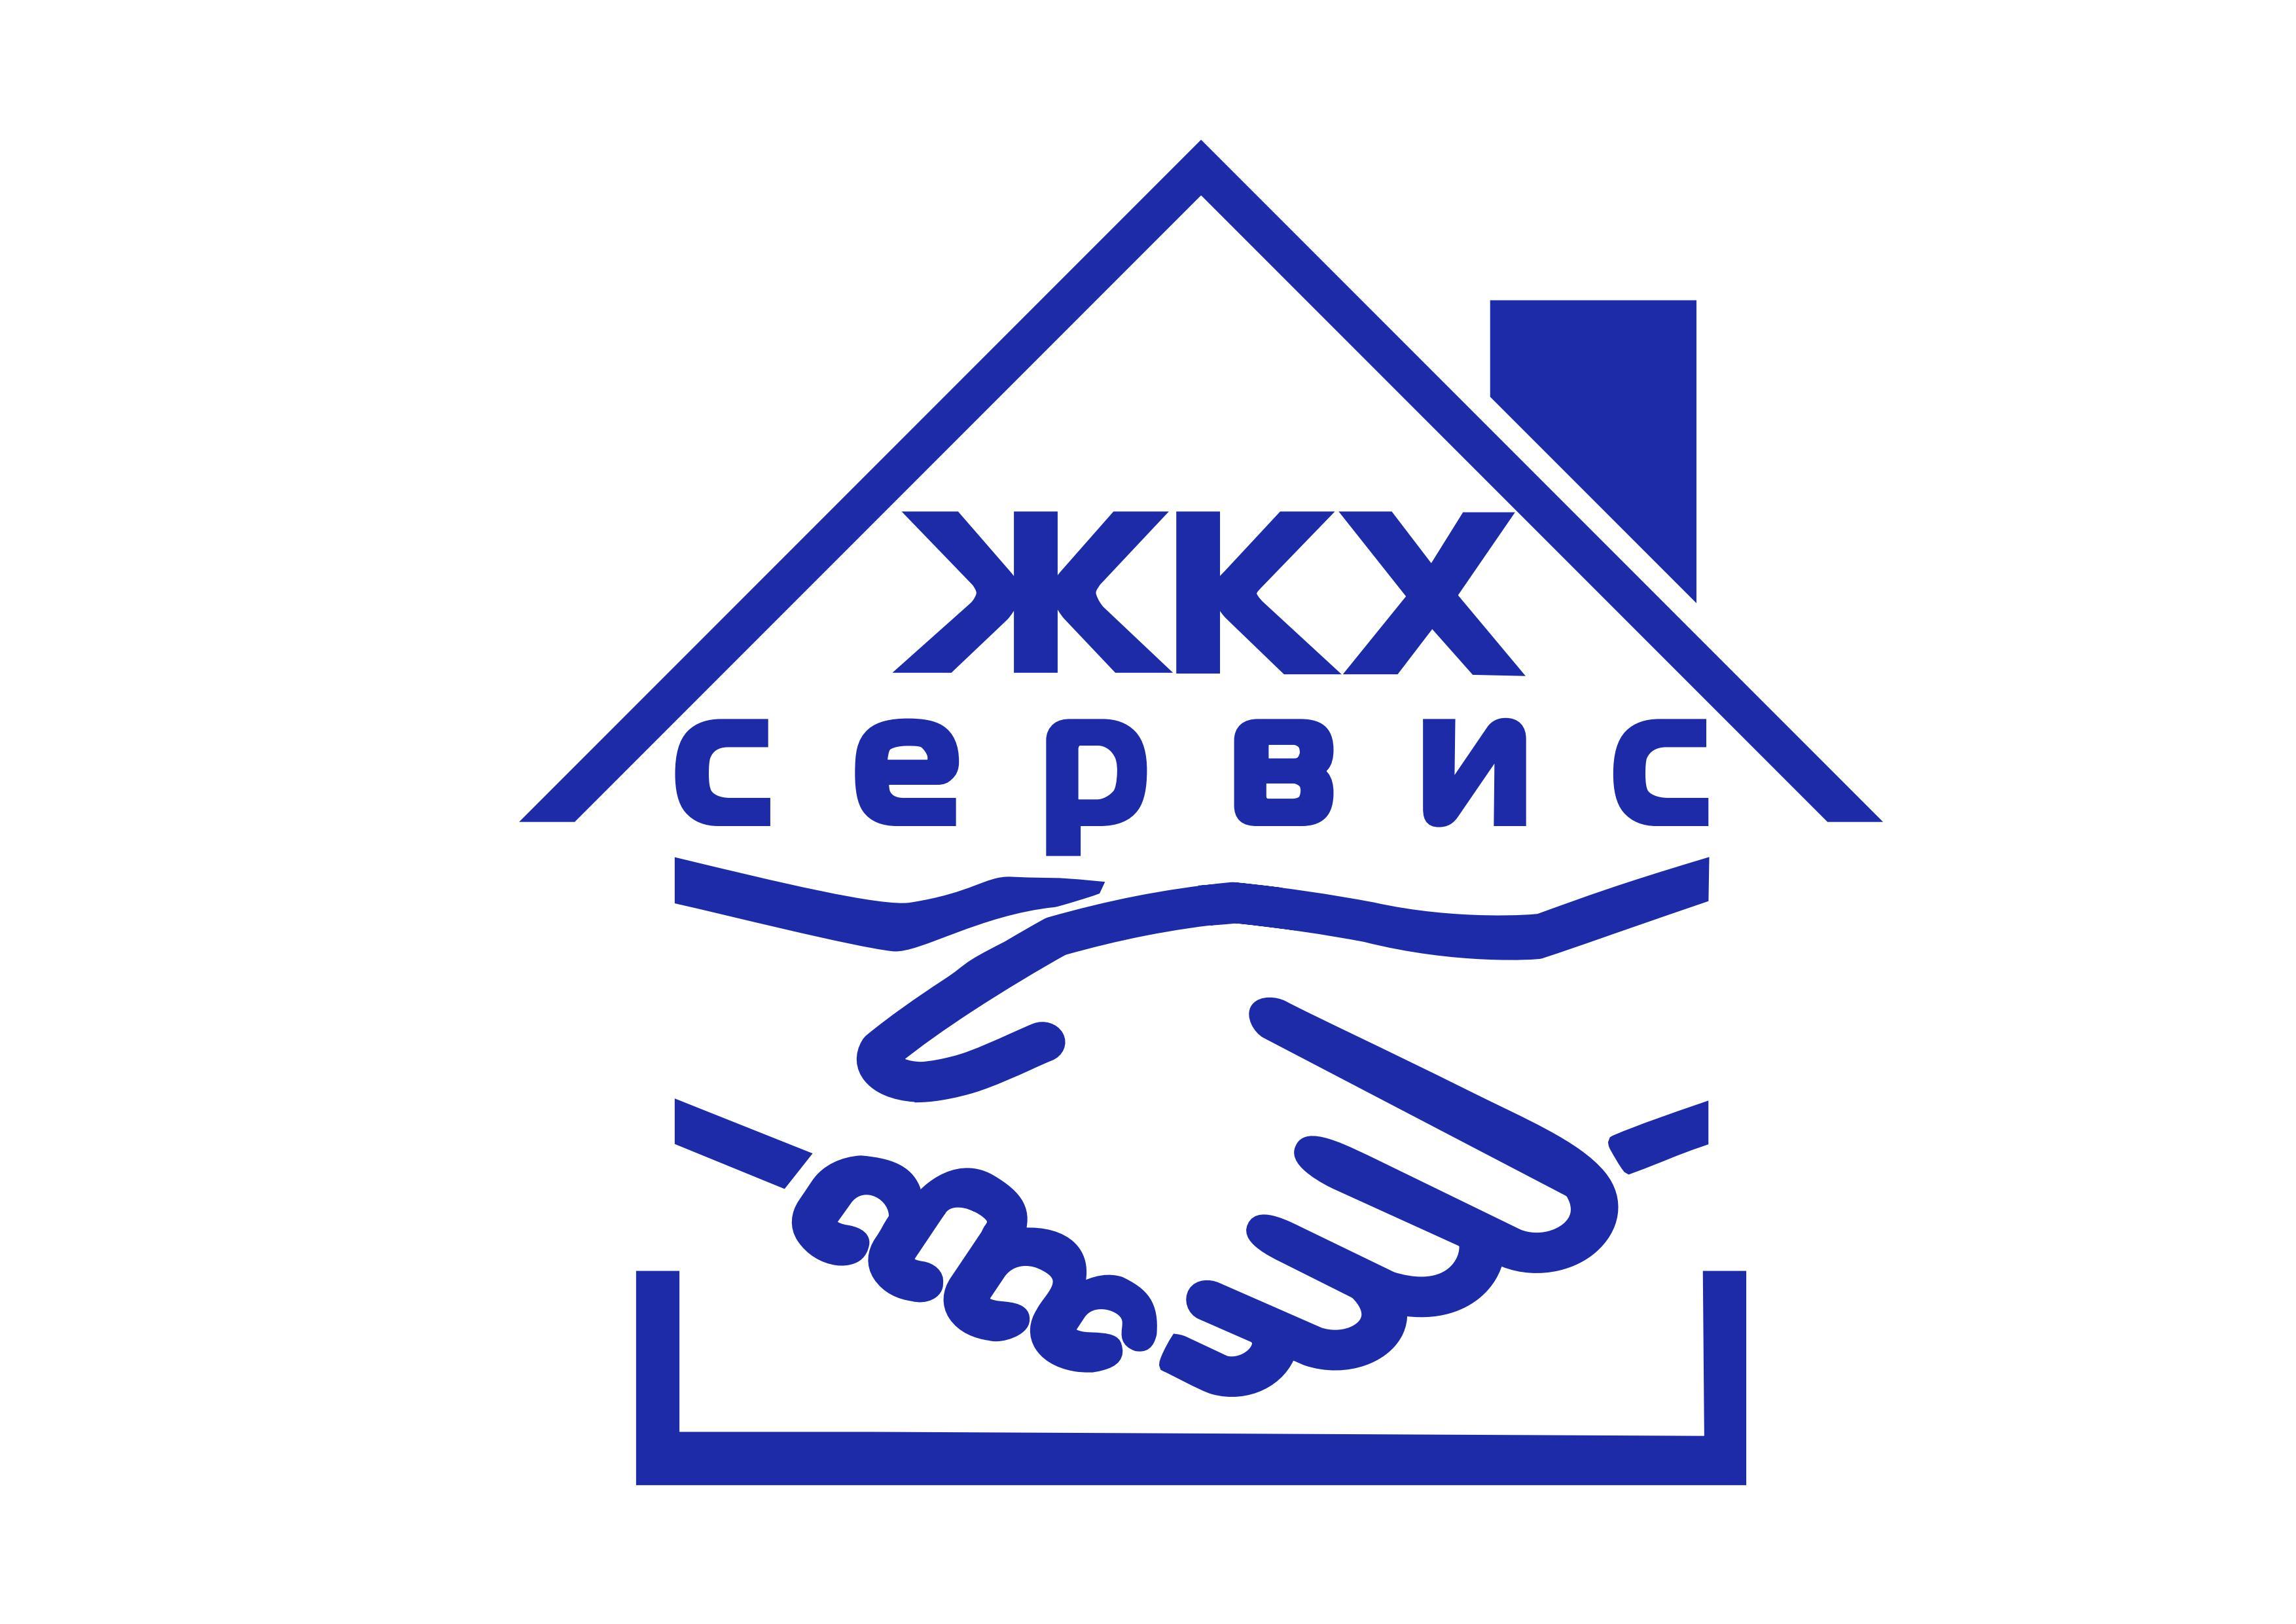 Работа в компании «ООО Группа компаний ЖКХ-СЕРВИС» в Новосибирской области